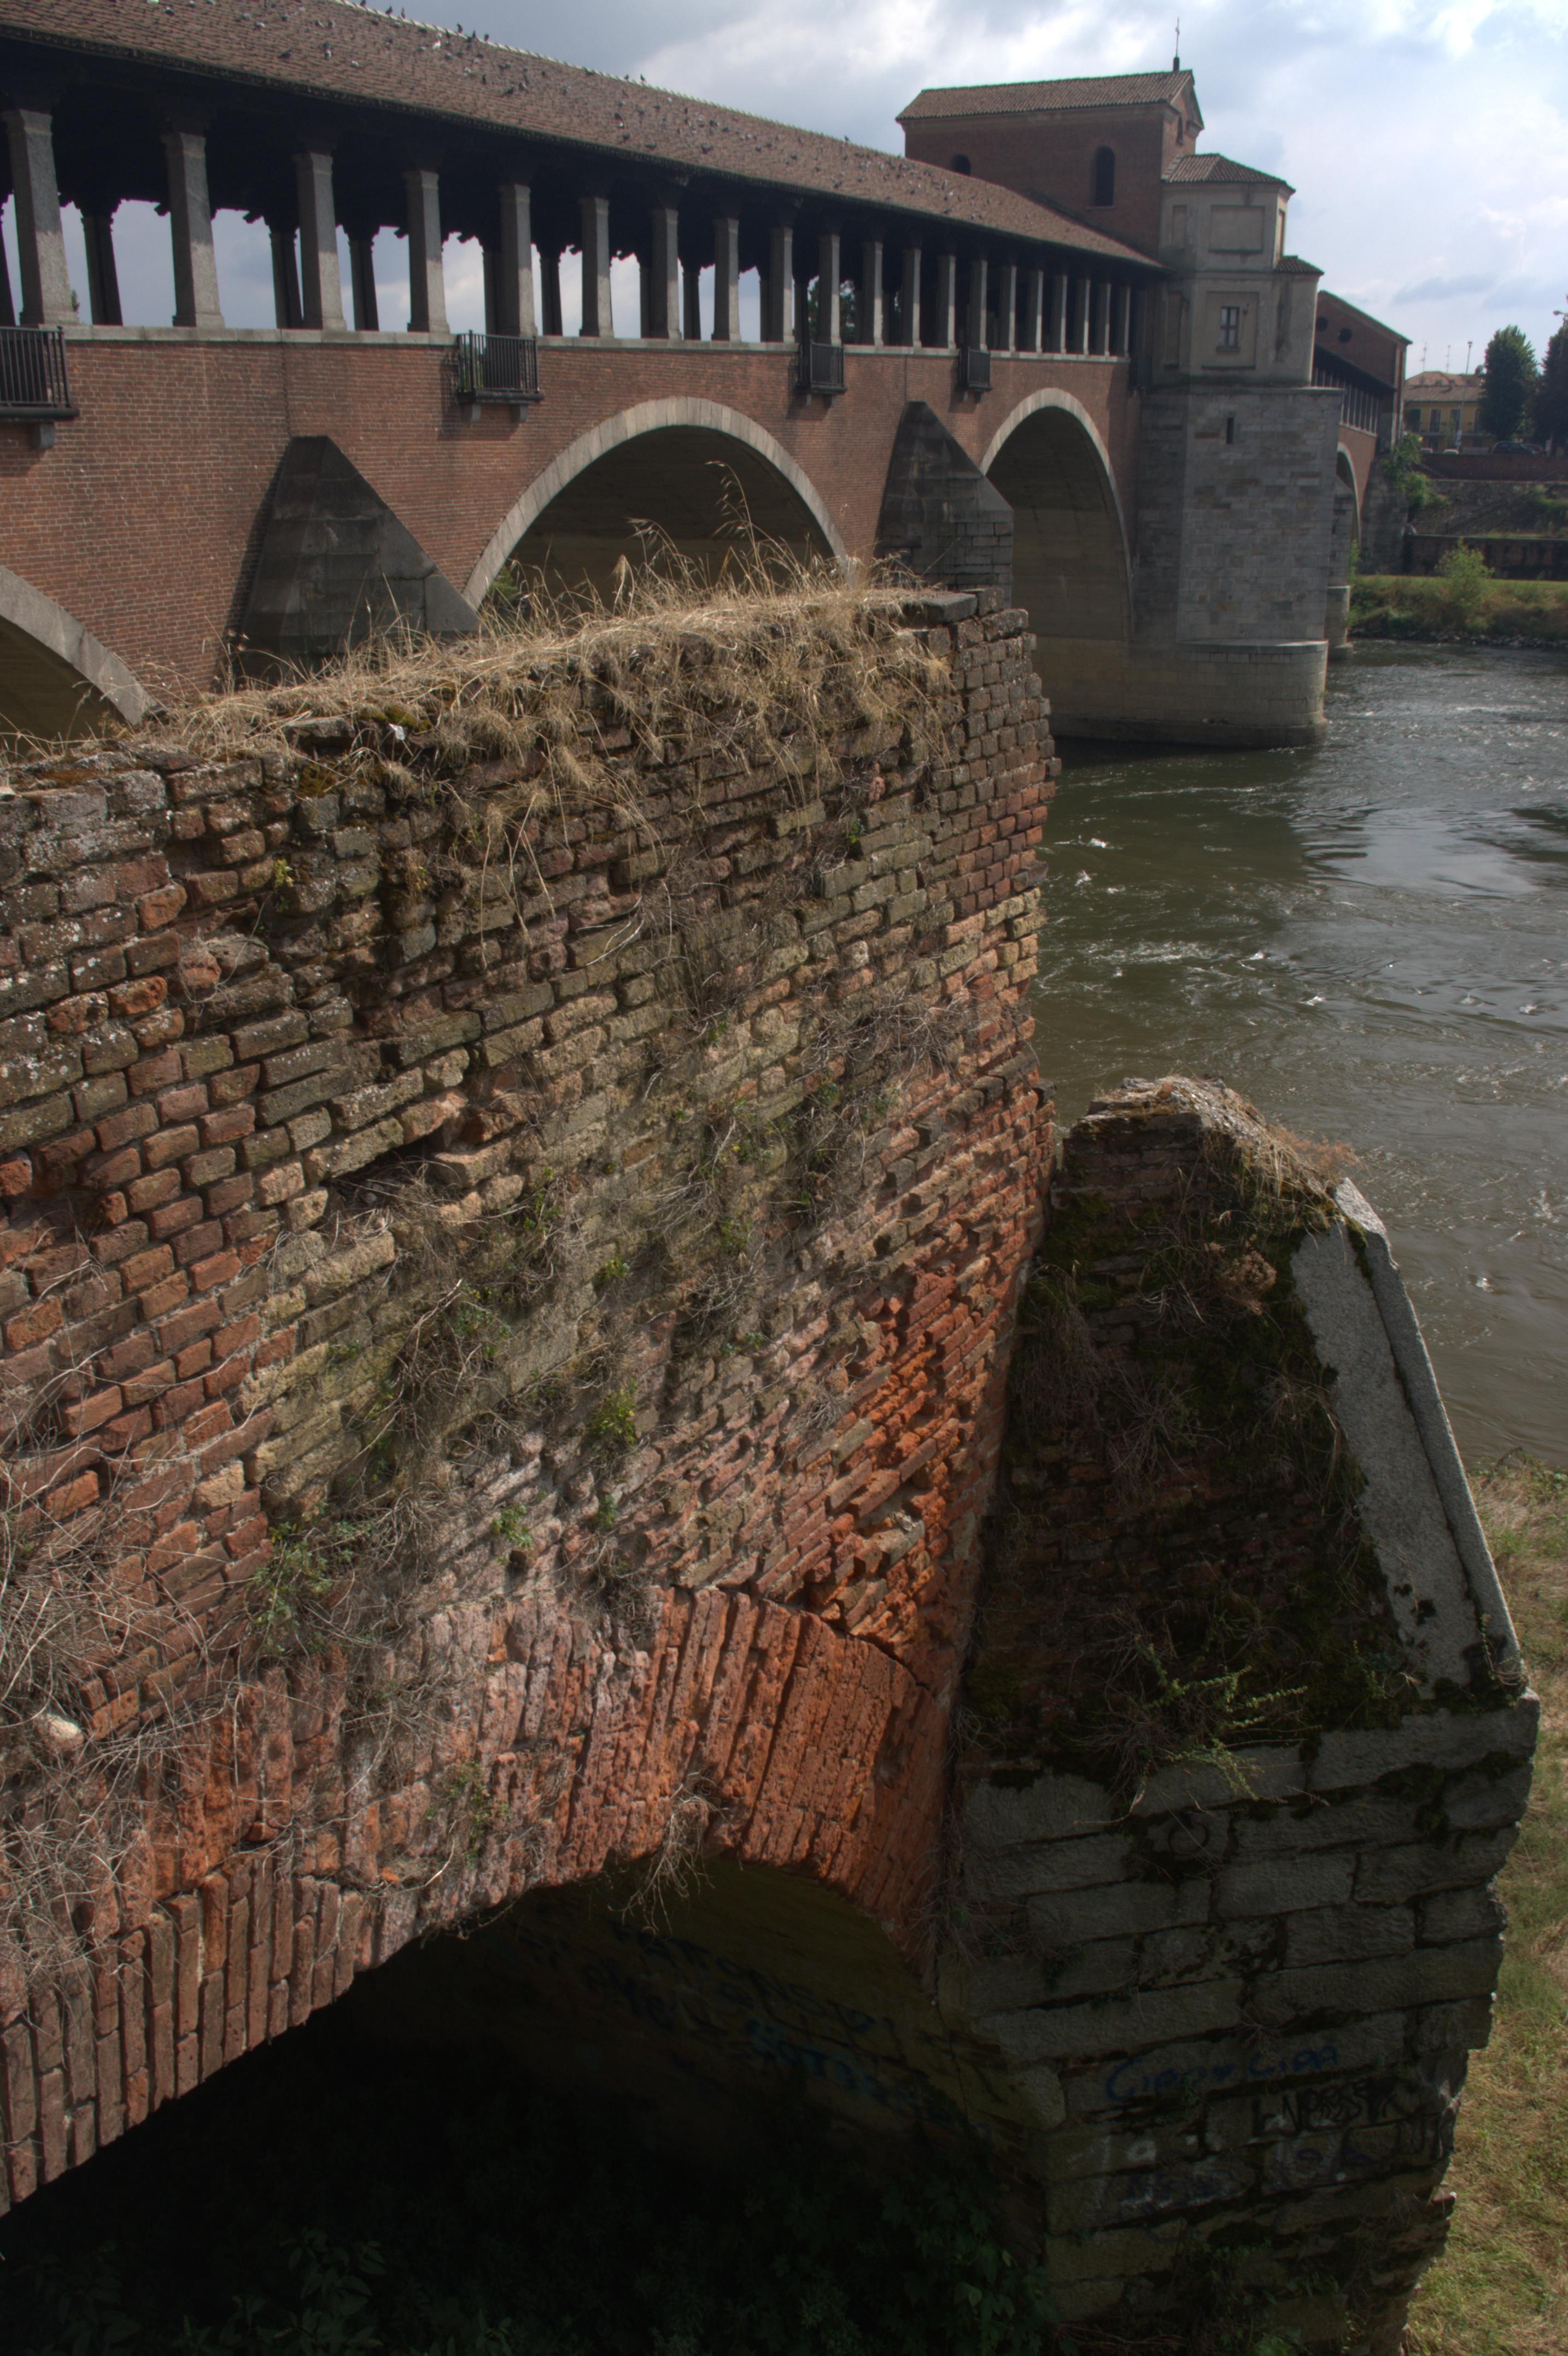 Pavia - Resti del vecchio Ponte romano sulla sponda del fiume